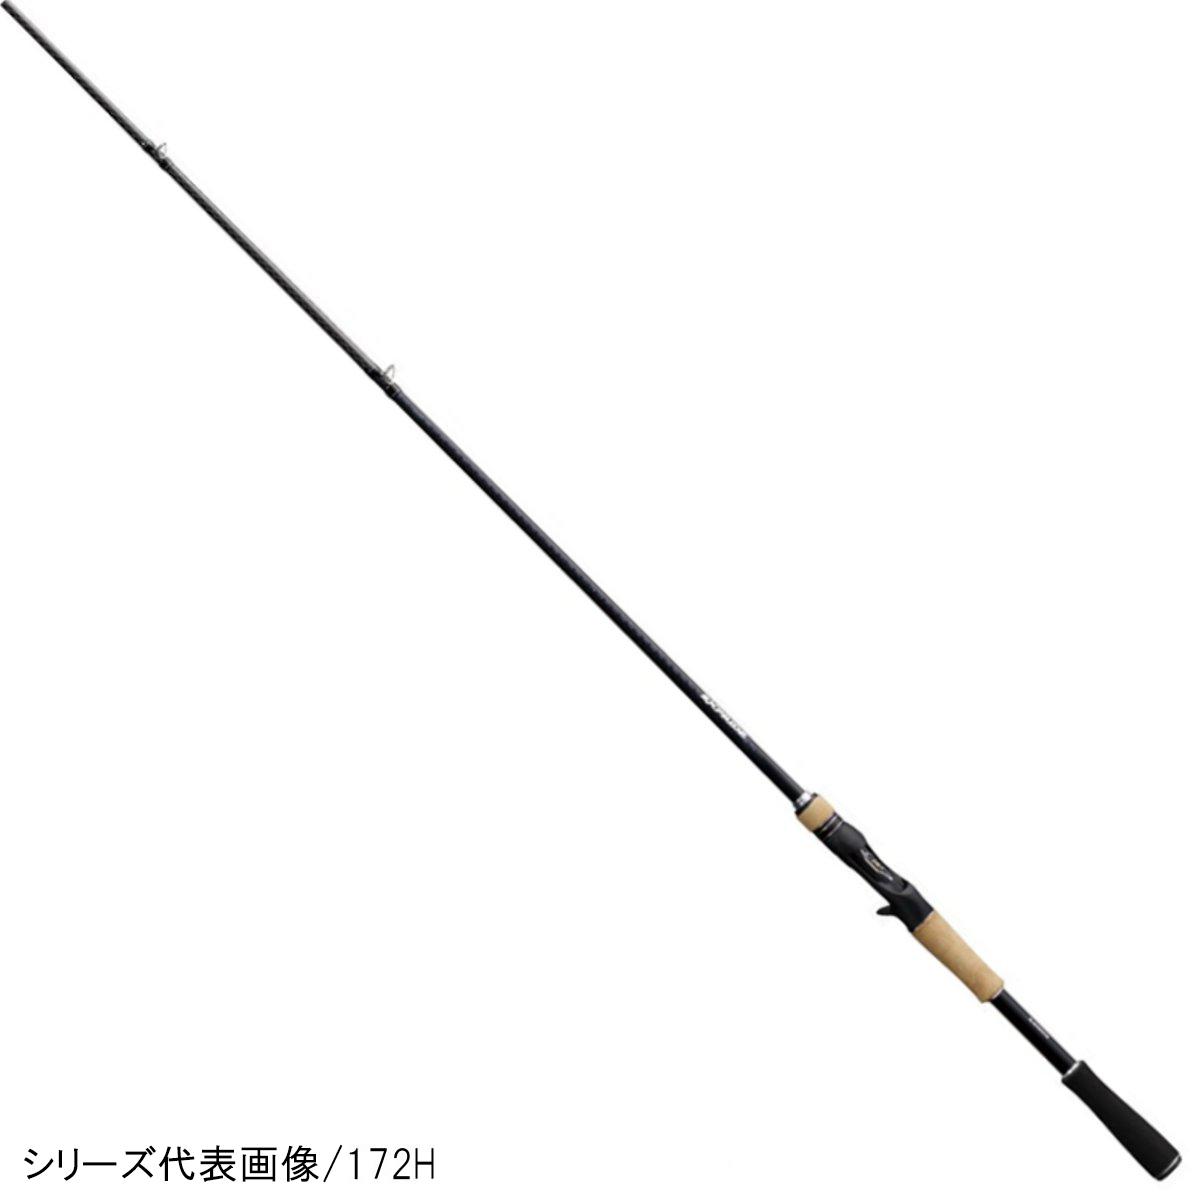 シマノ エクスプライド 1610M【大型商品】